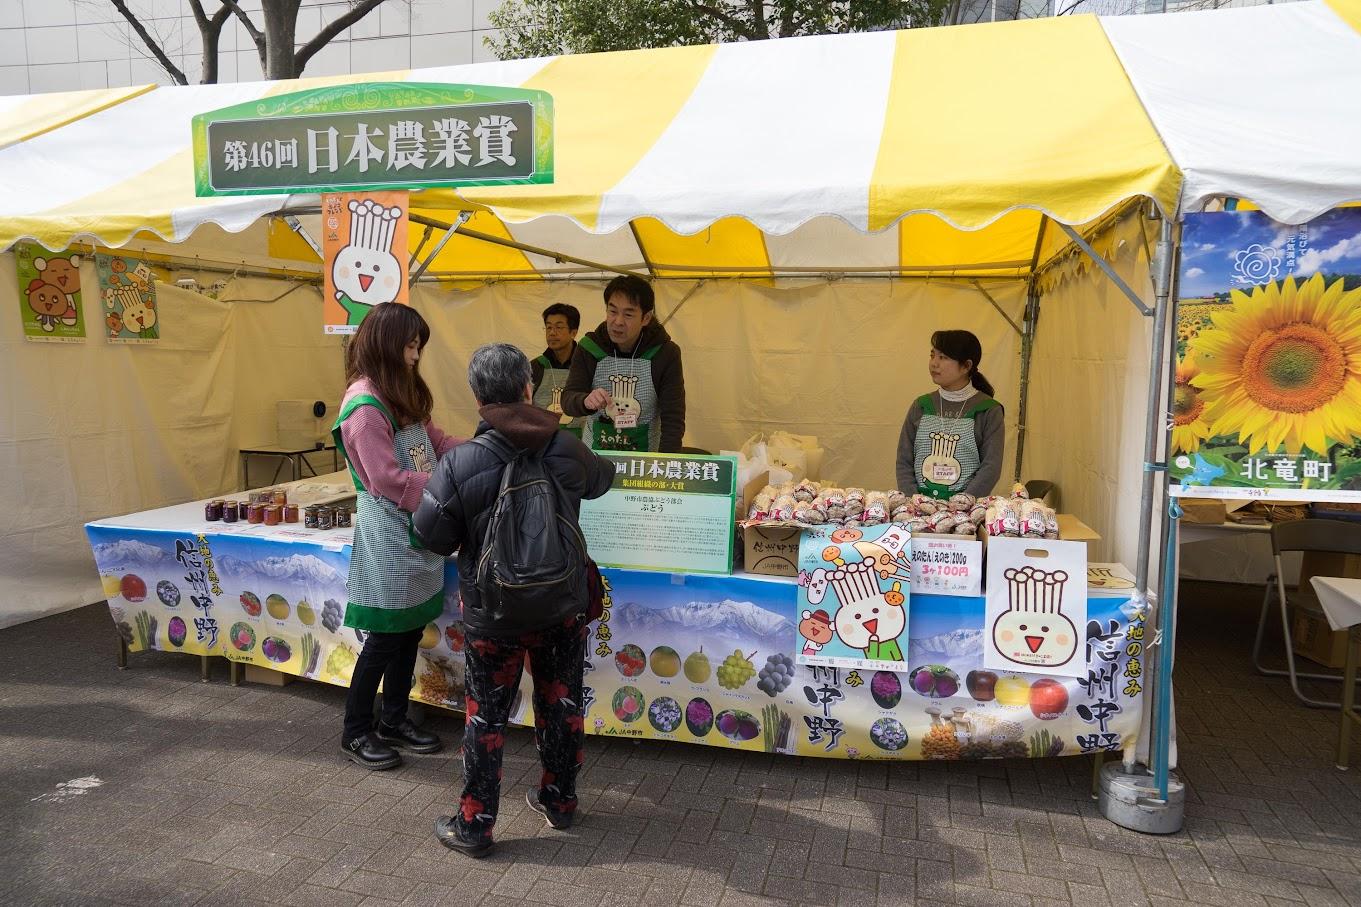 第46回日本農業賞大賞(集団組織の部)ブース「中野市農協ぶどう部会」